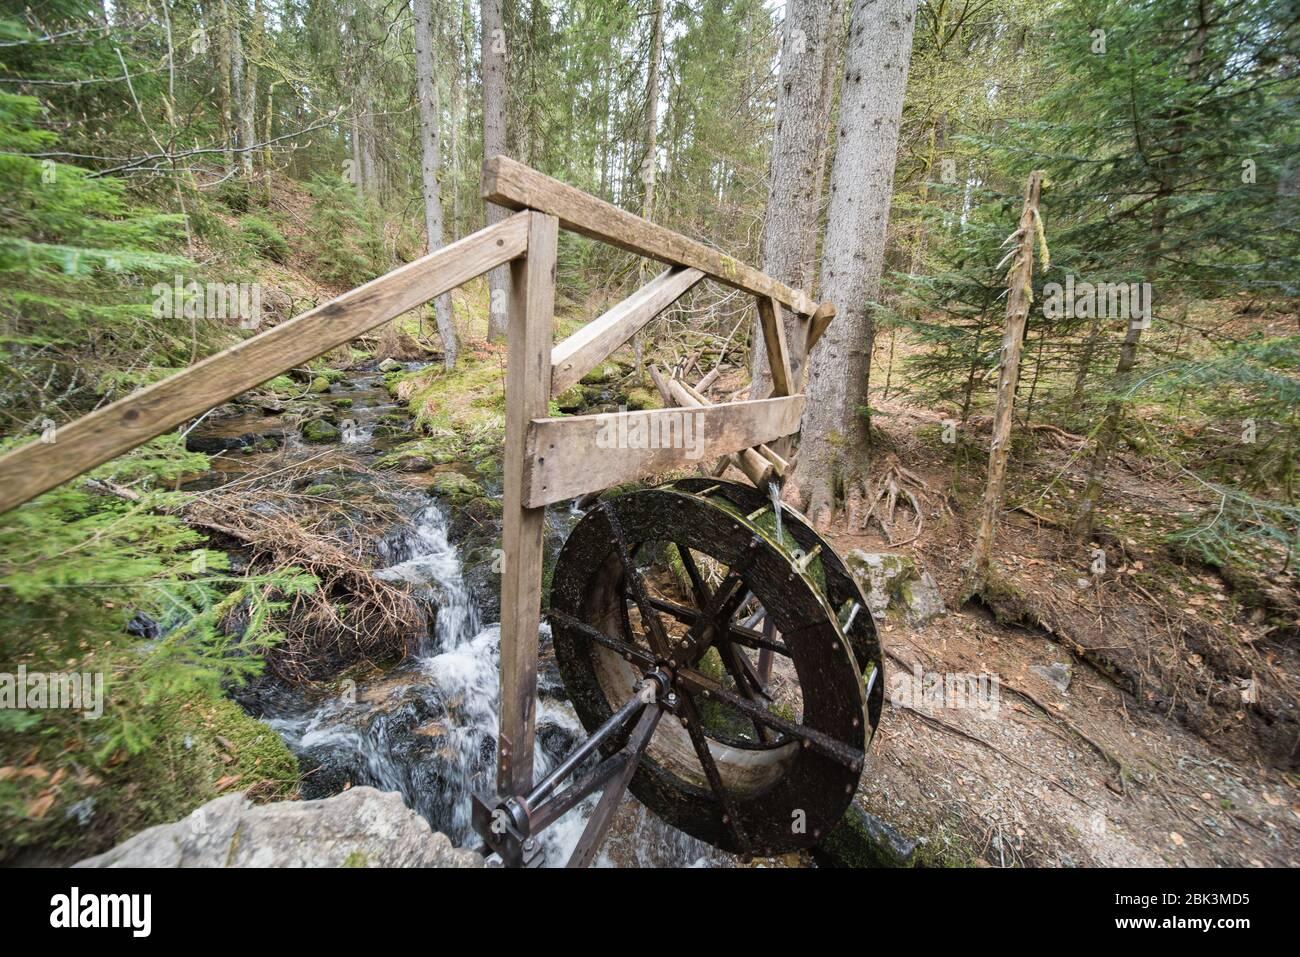 Wasserrad im Wald in deutschland. Stockfoto